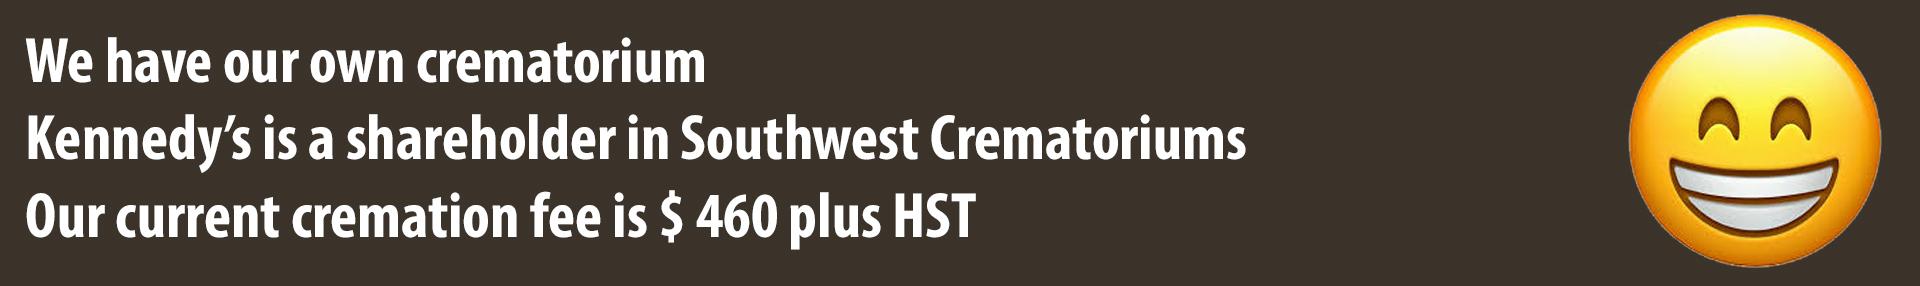 Crematorium serving Essex Kingsville Leamington Tecumseh Windsor